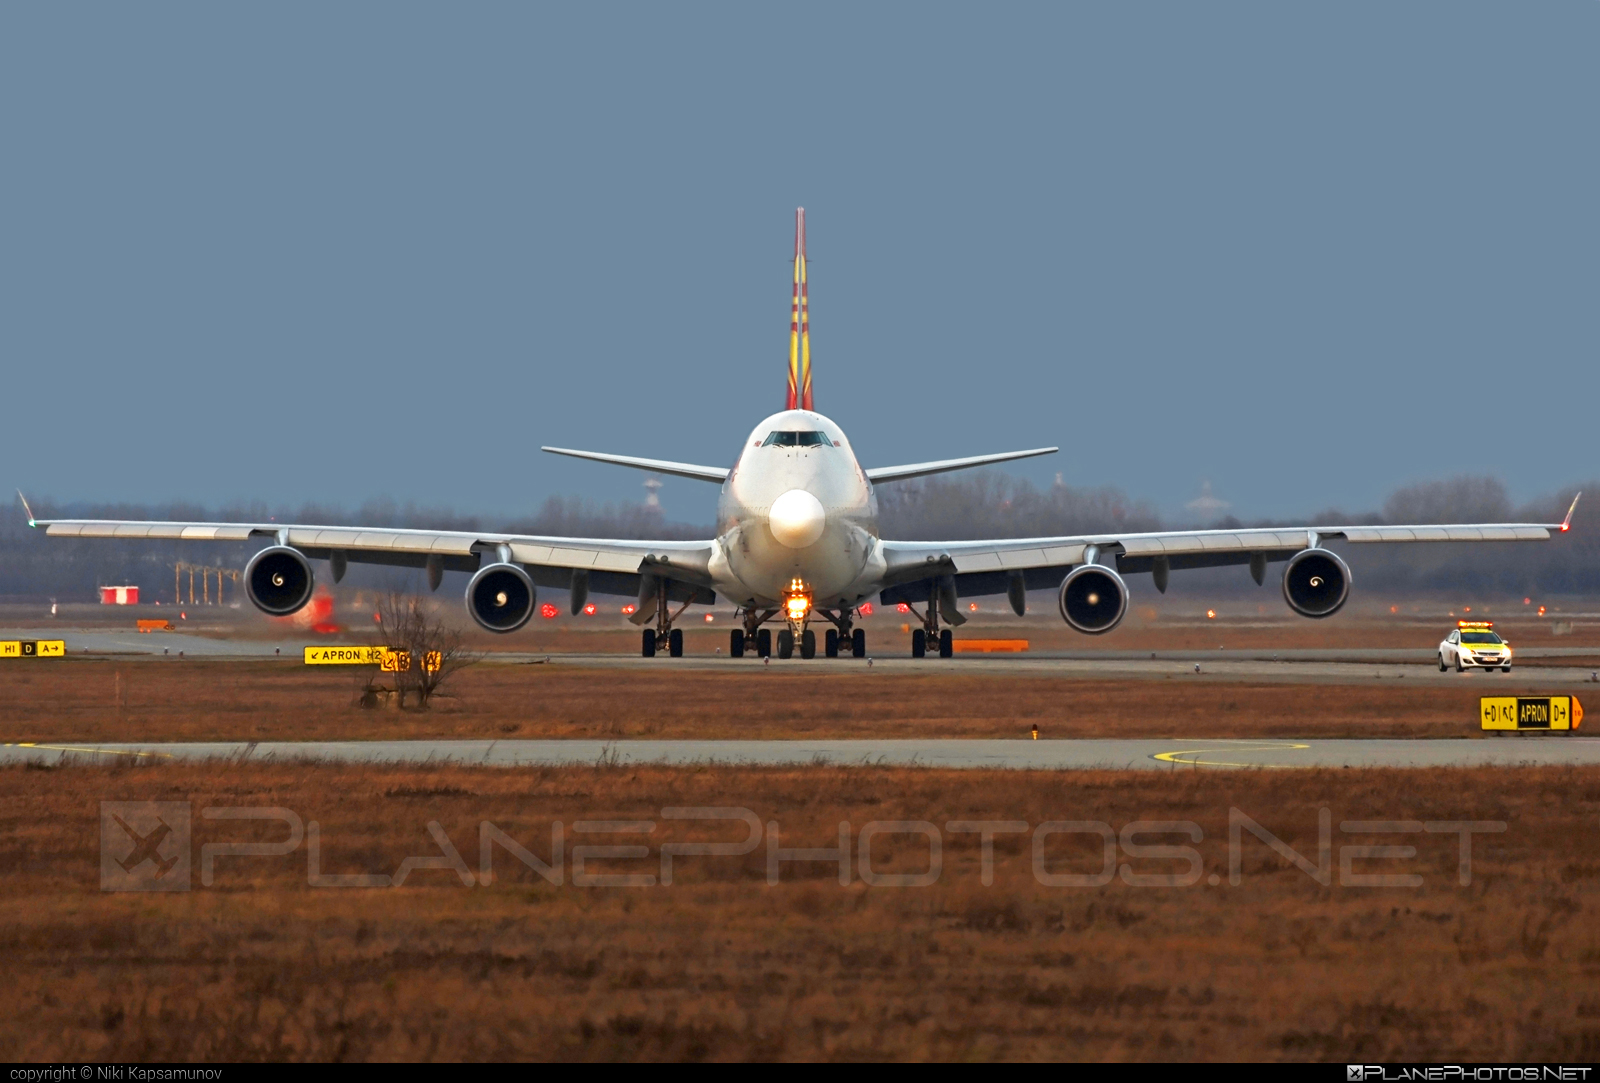 Boeing 747-400F - B-2432 operated by Suparna Airlines #b747 #boeing #boeing747 #jumbo #suparnaairlines